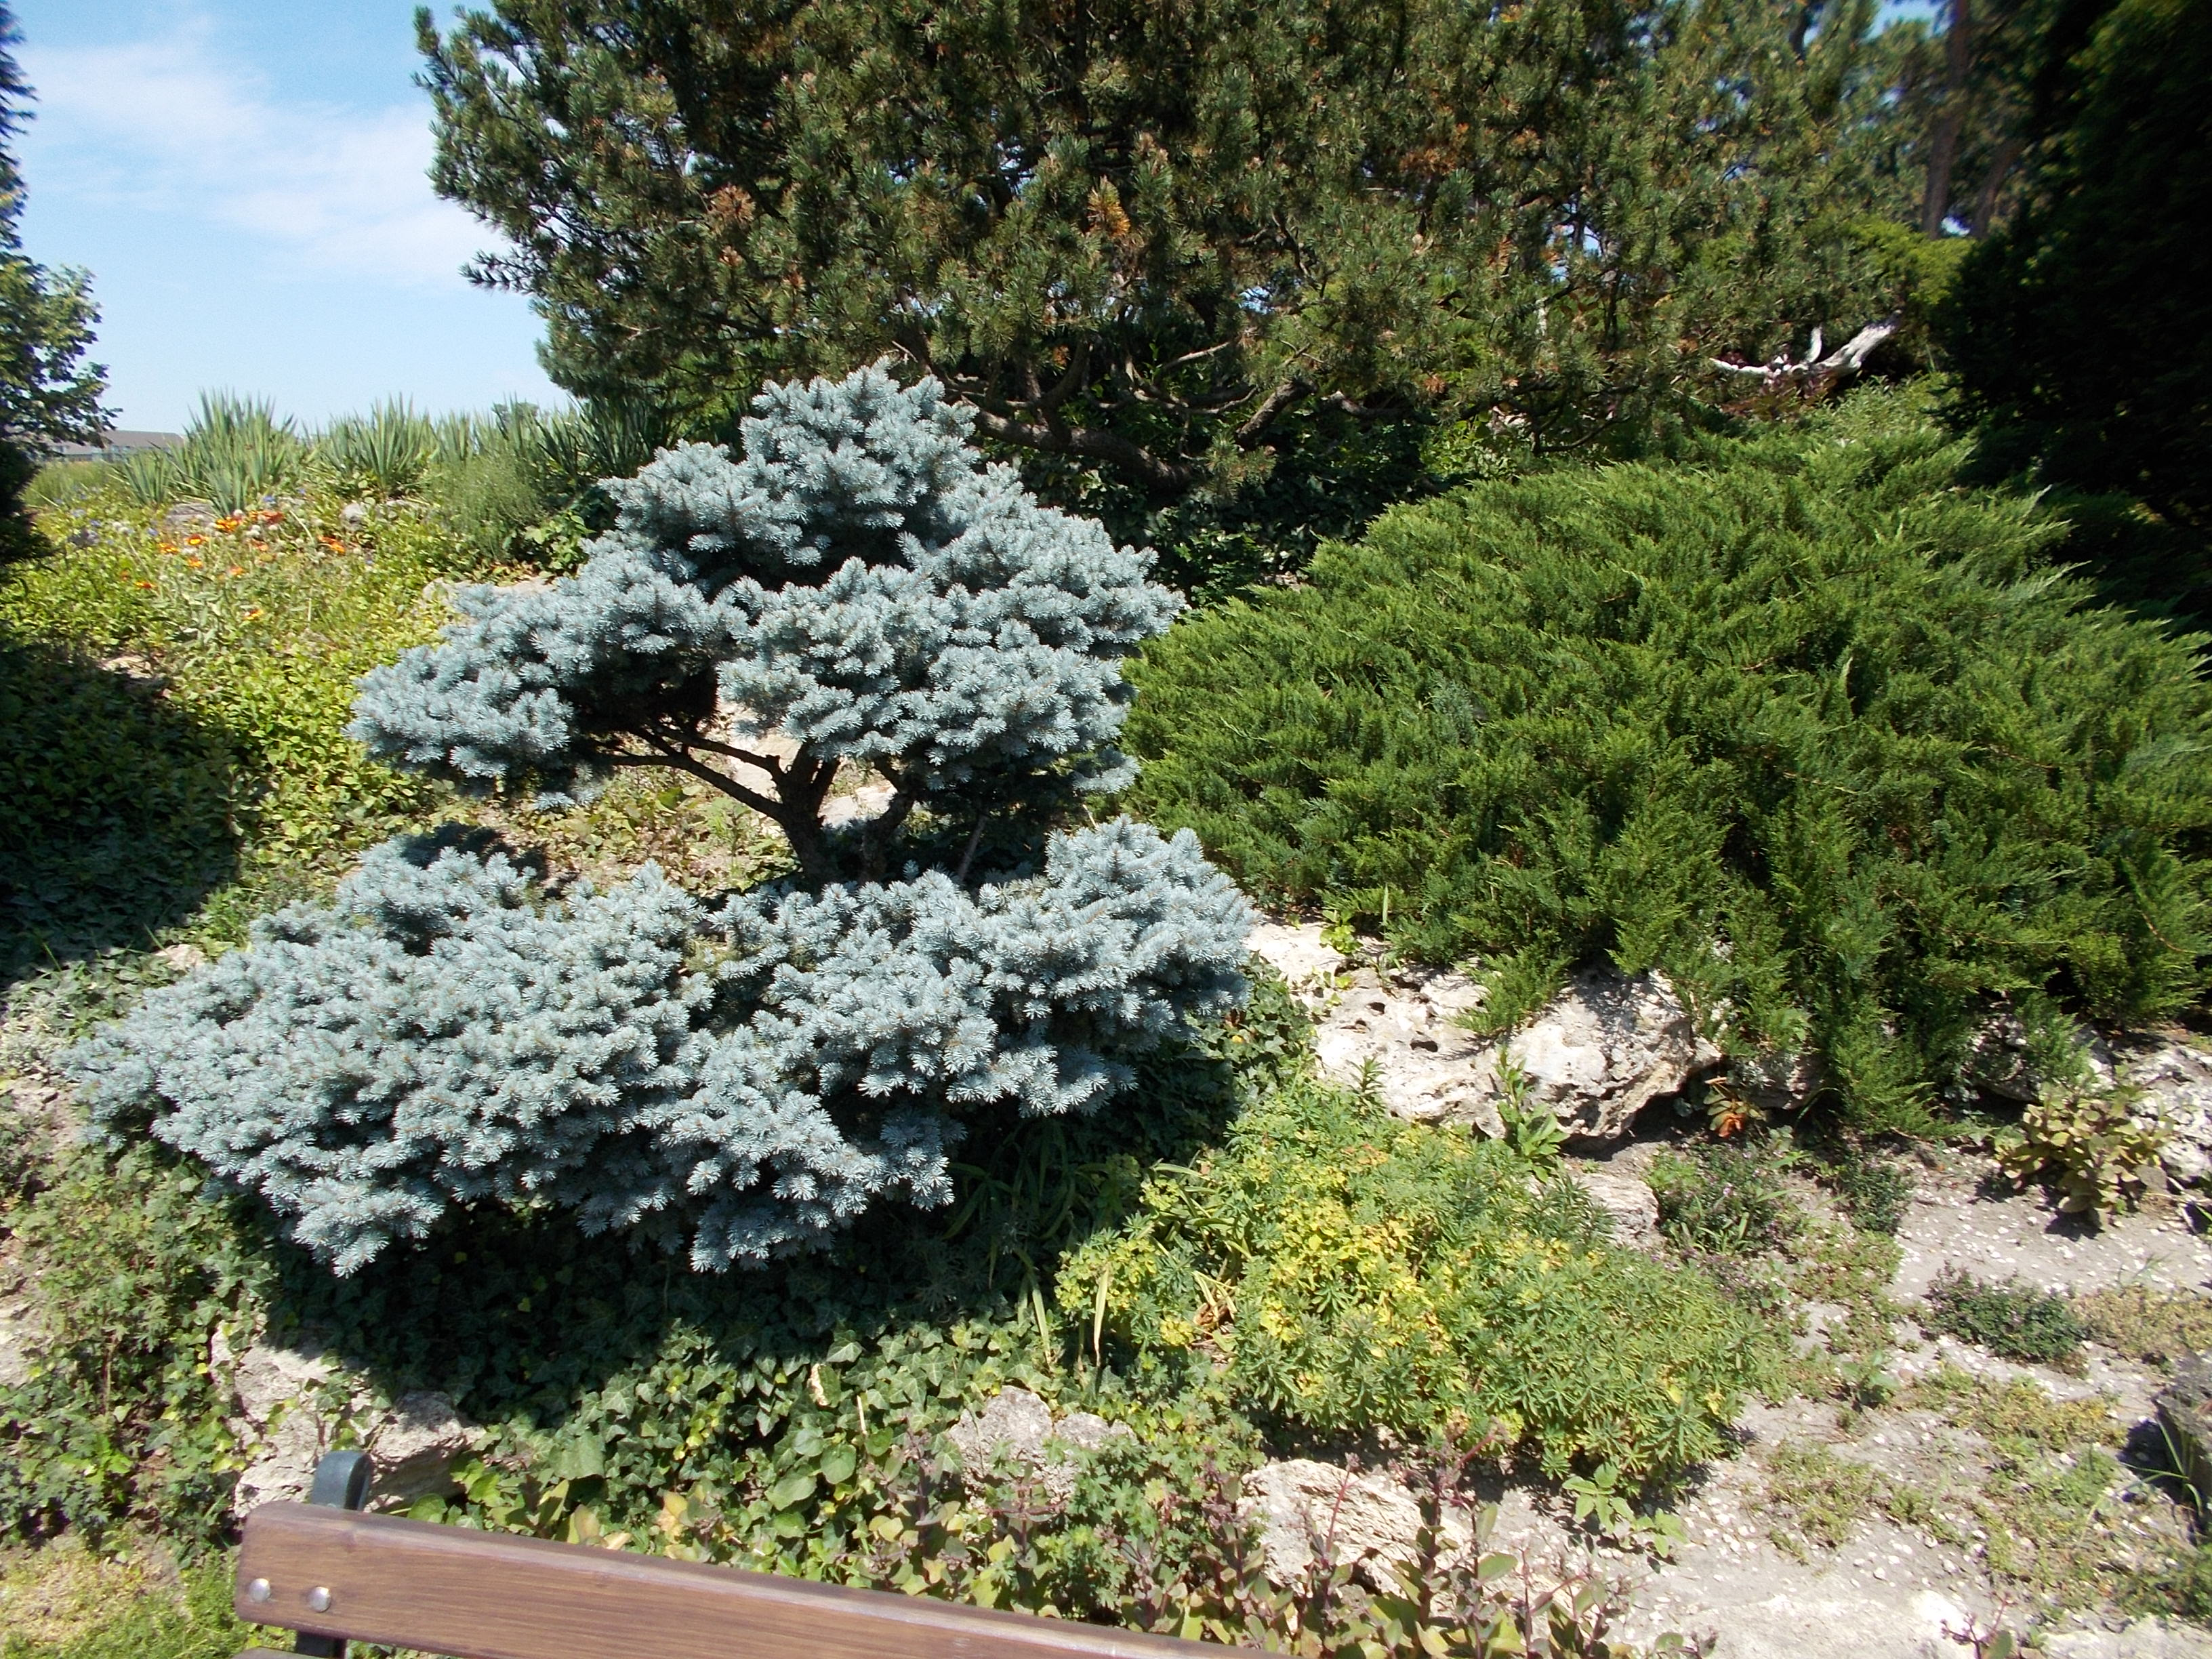 File:Japanese Garden. Bush. - Margaret Island, Budapest, Hungary.JPG ...